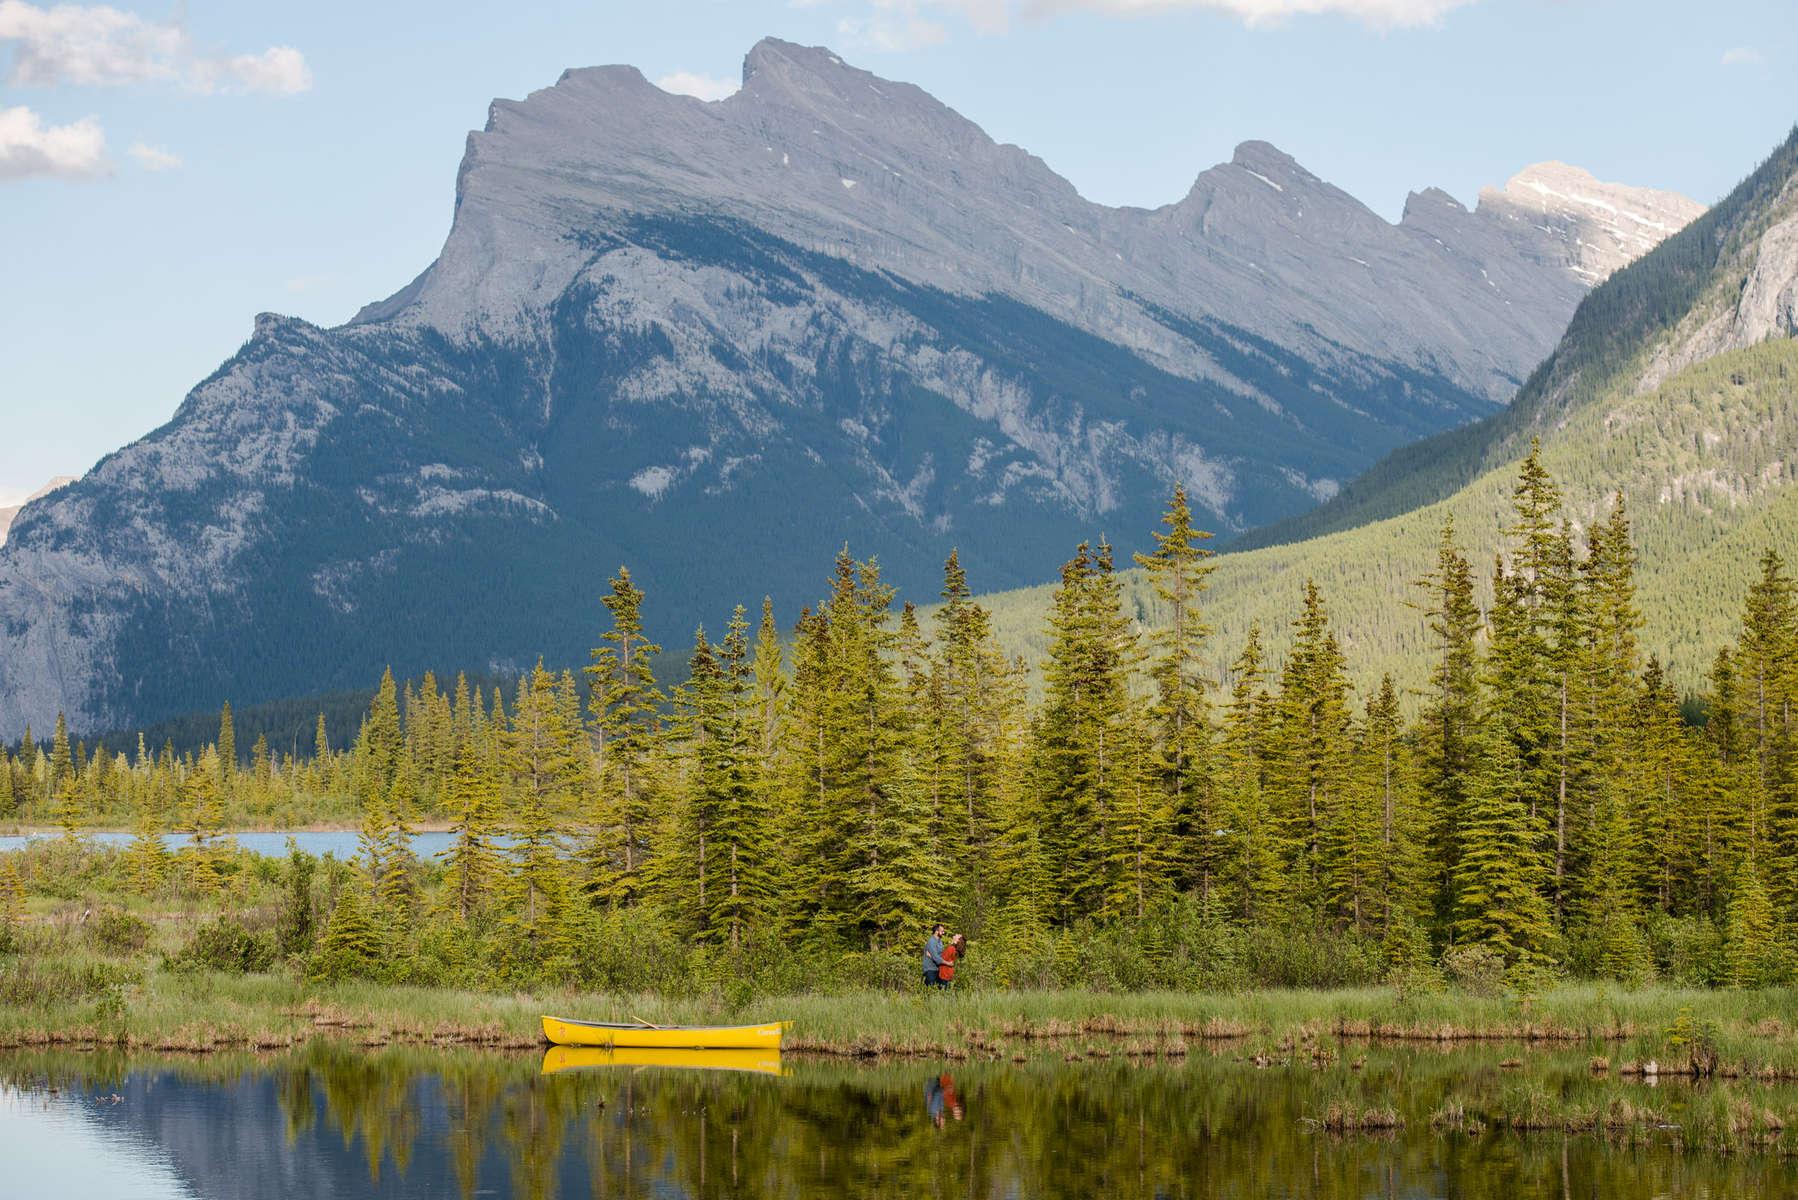 Banff-Engagement-Session-Canoe-070